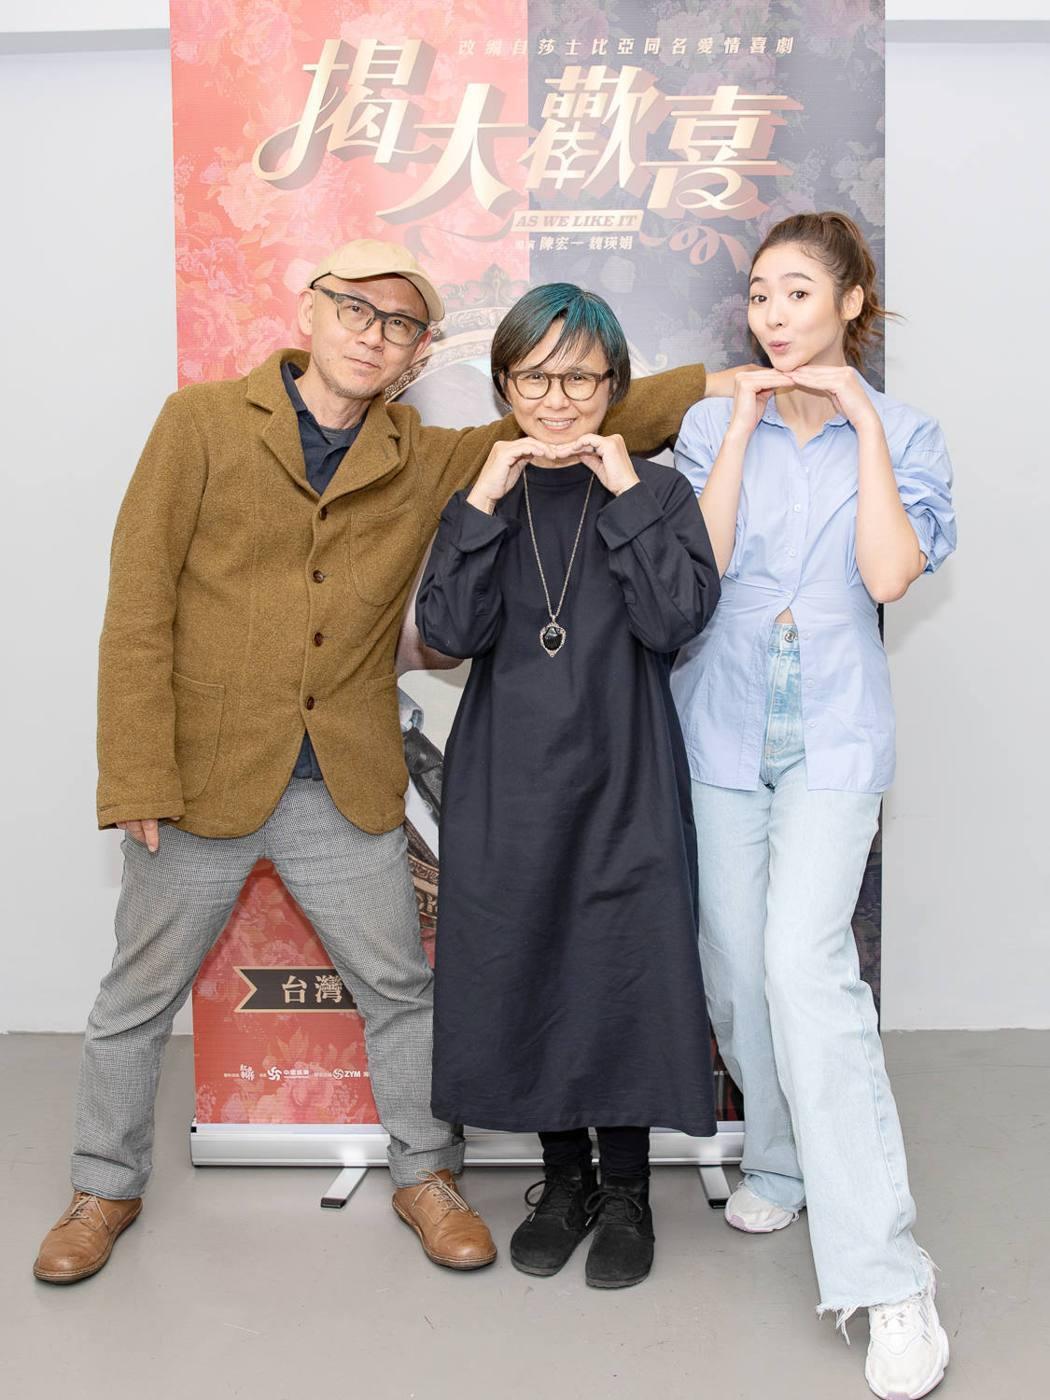 「揭大歡喜」導演陳宏一(左起)、魏瑛娟與女主角謝沛恩。圖/海鵬提供